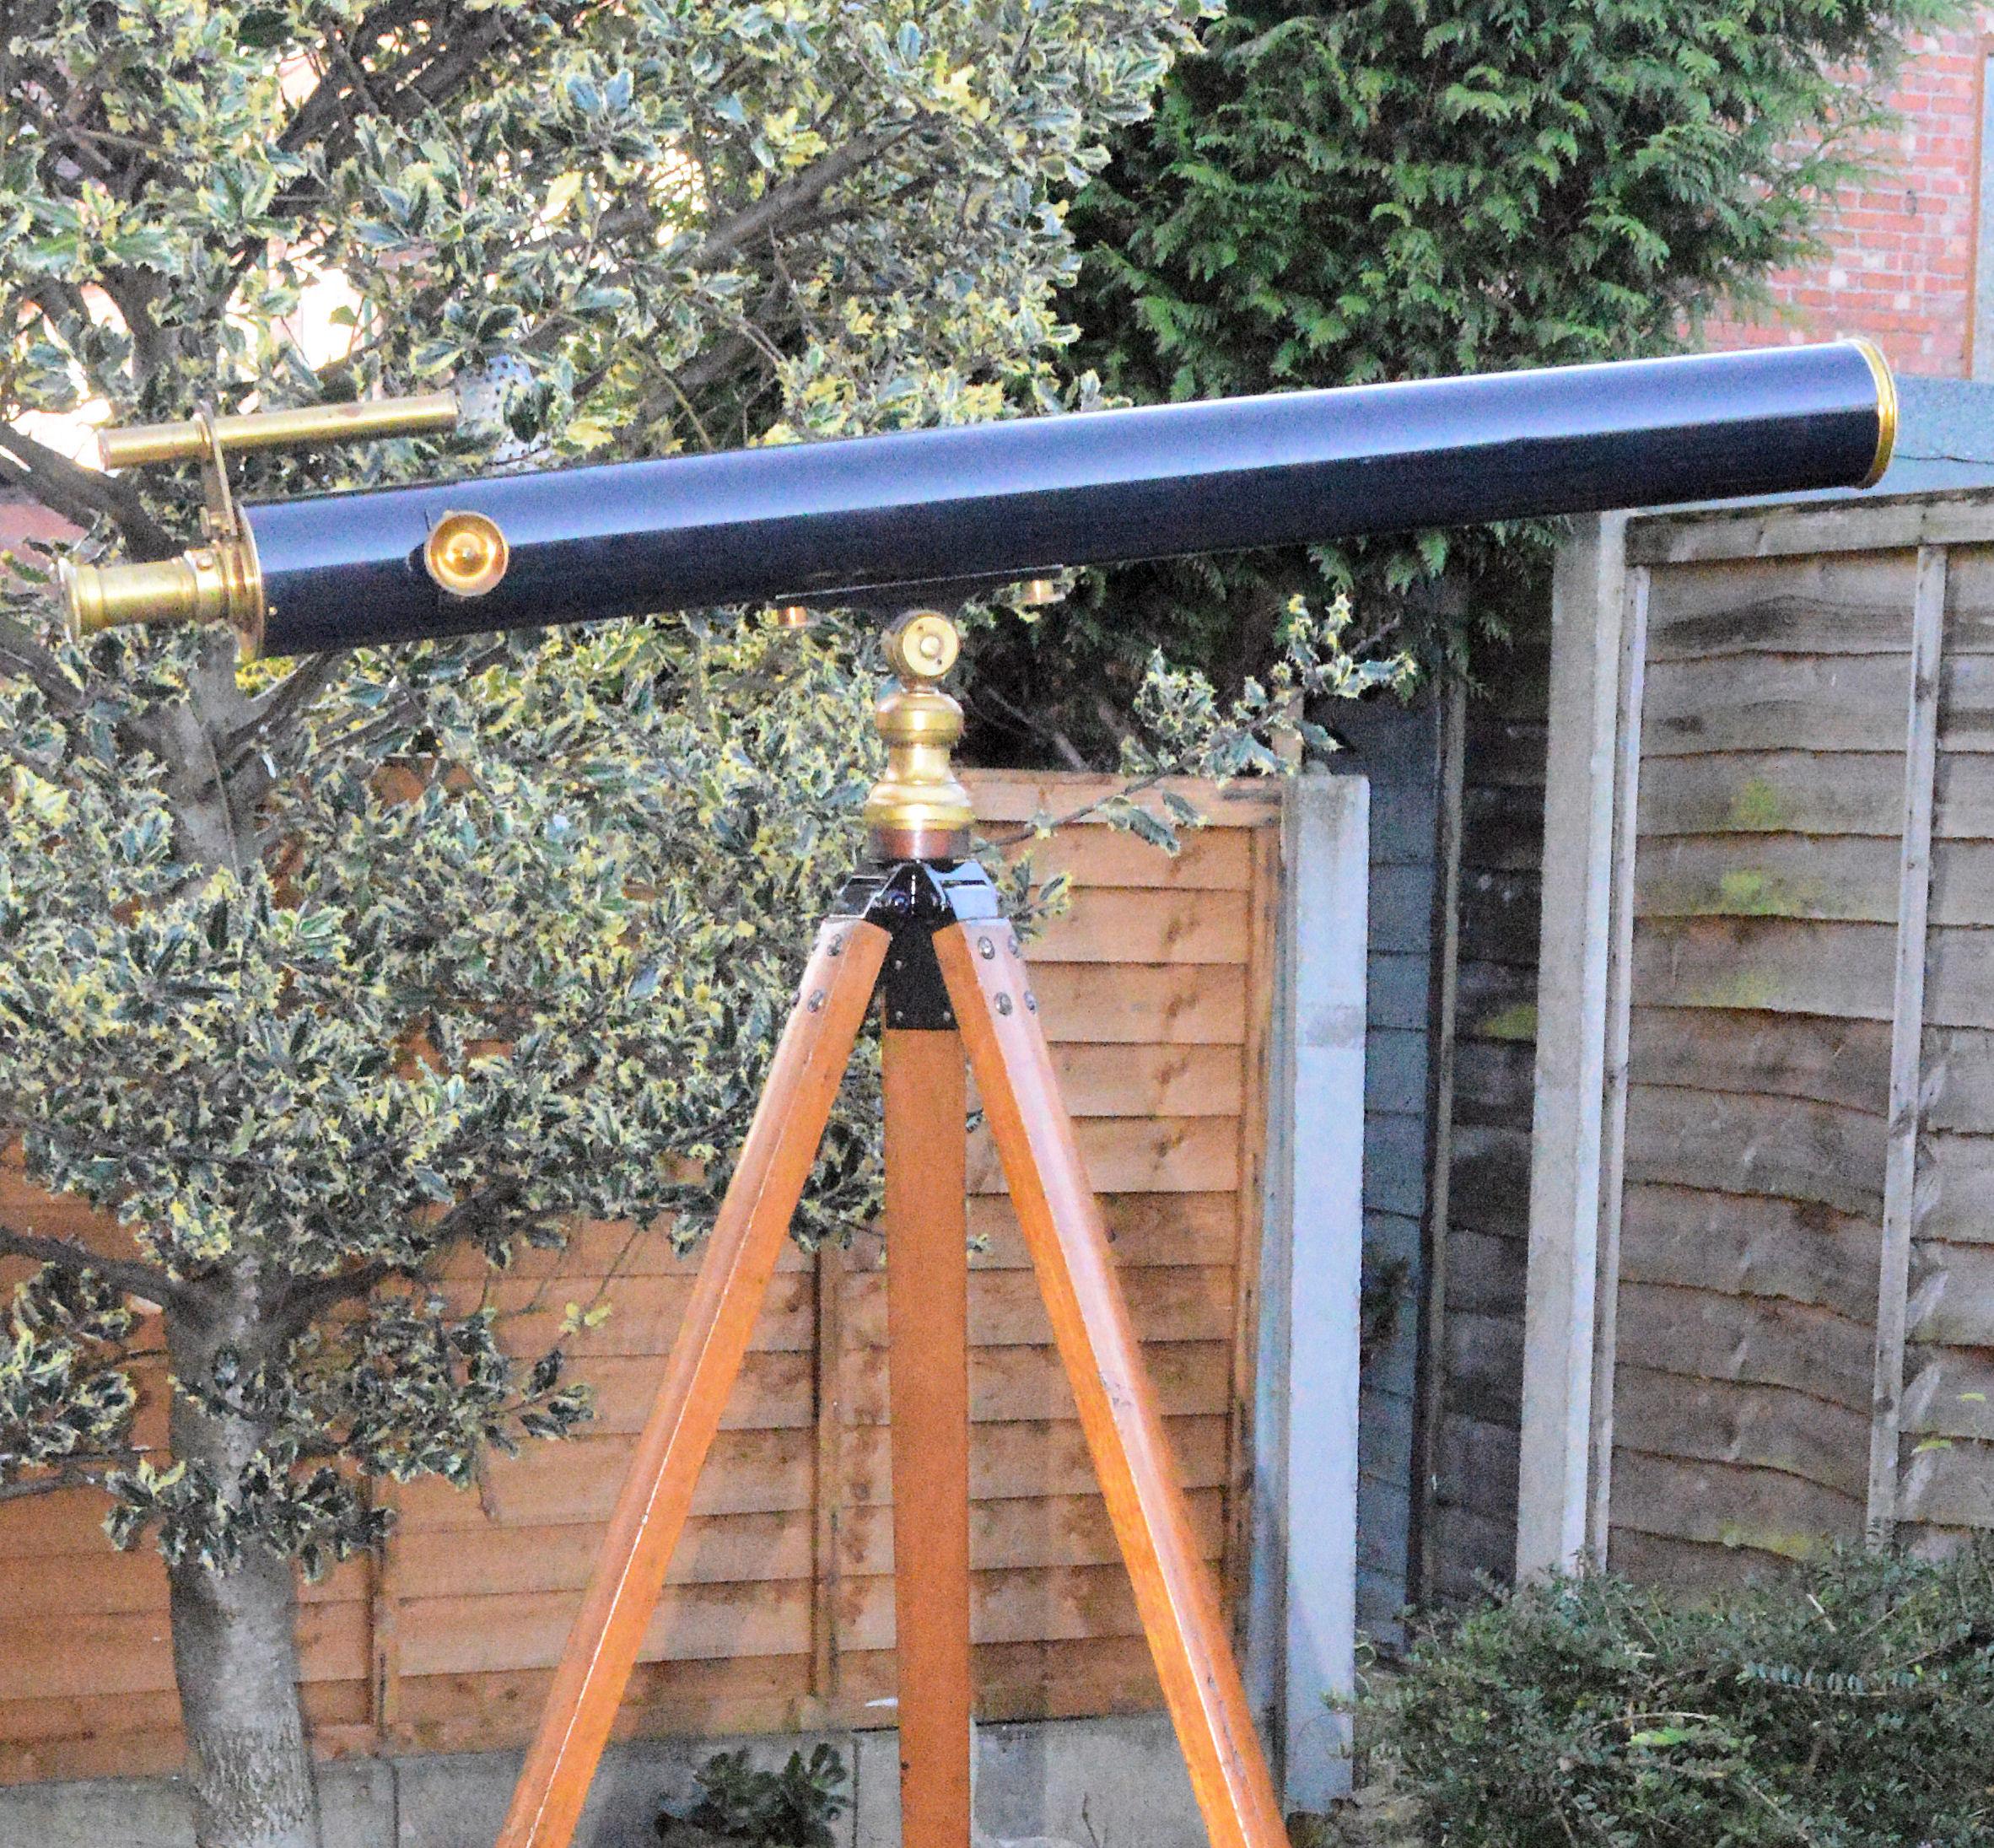 SOLD – Watson telescope and tripod